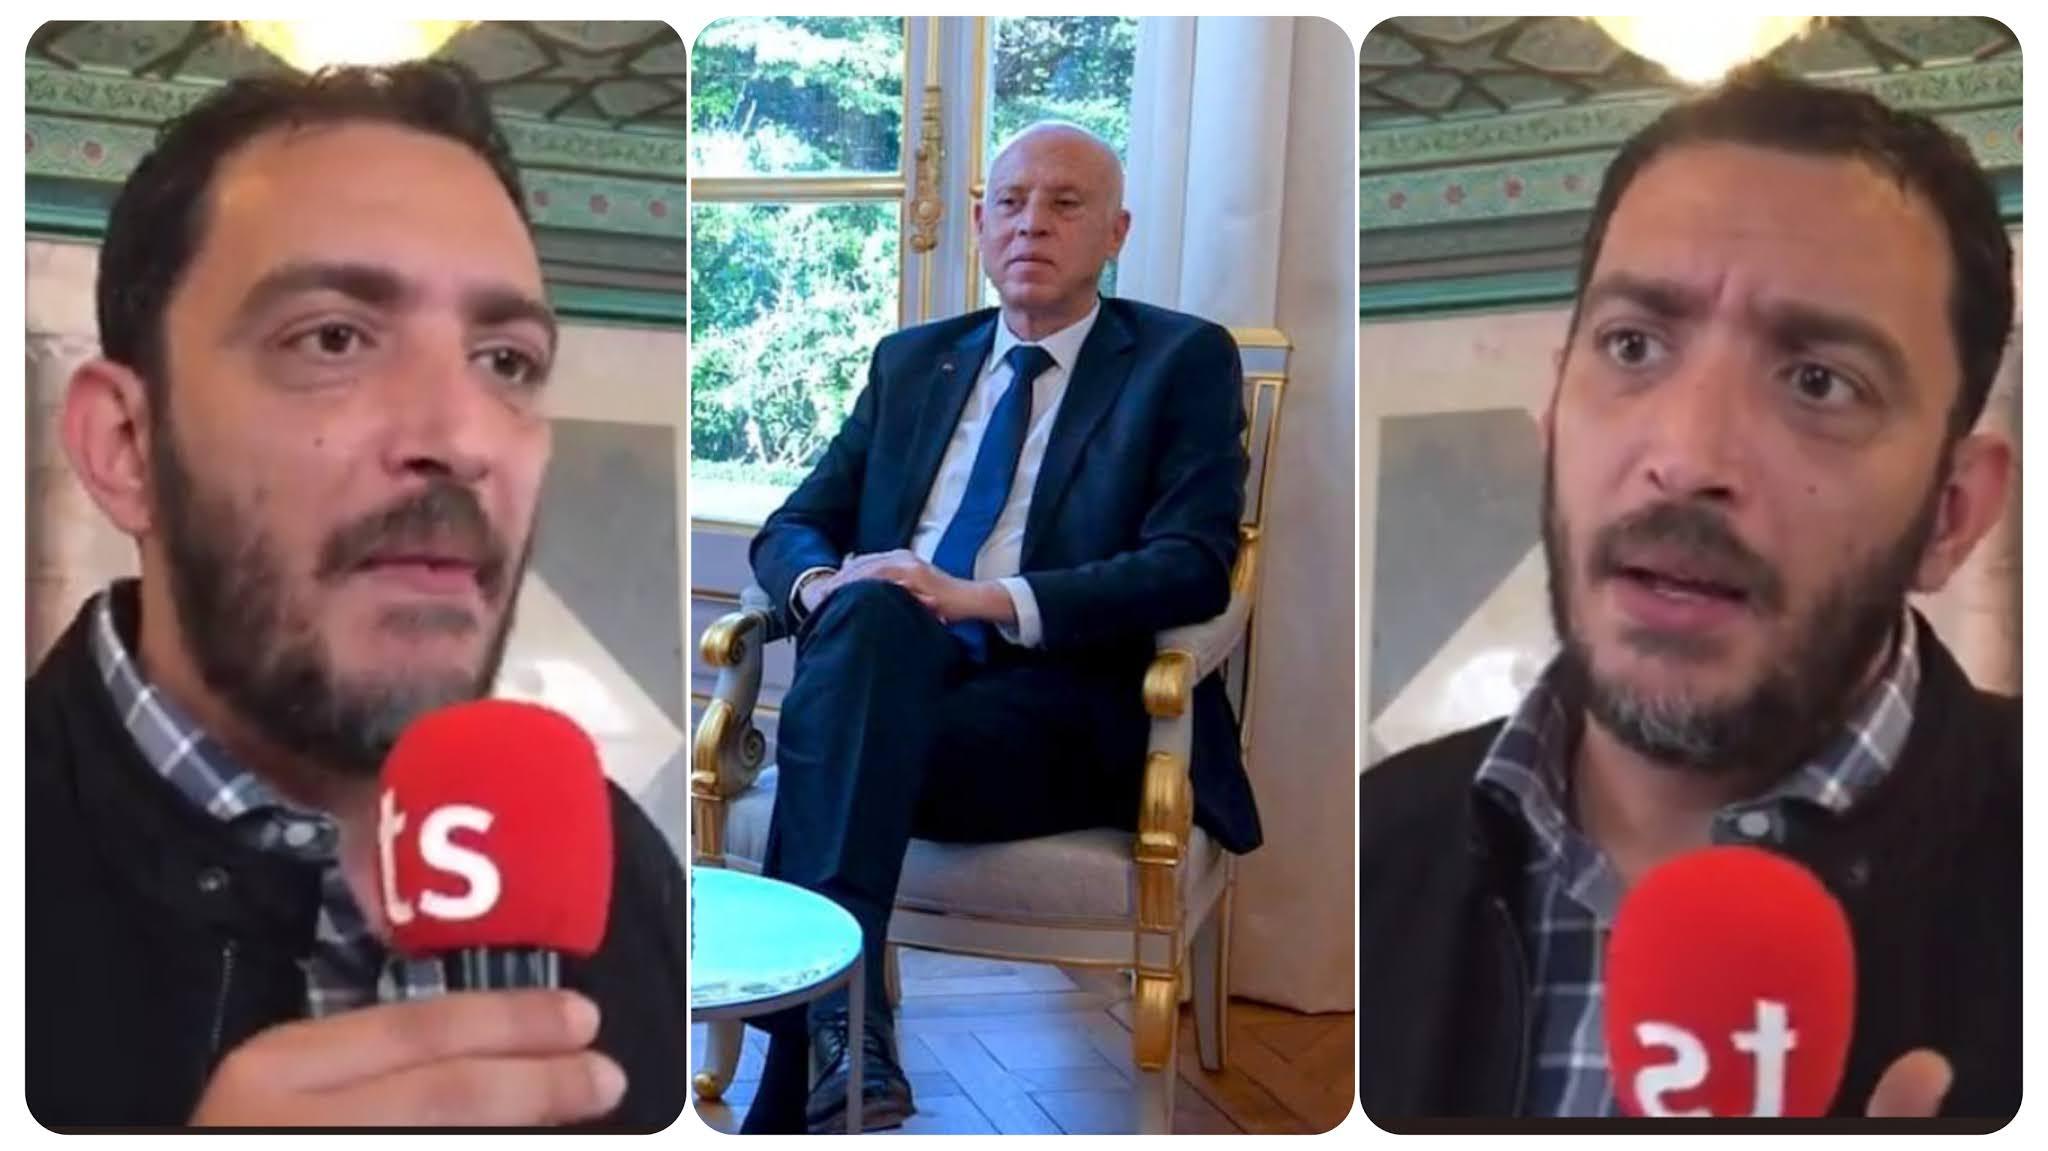 بالفيديو ياسين العياري.. الرئيس كيفهم خبيث يحب يظهر روحو مثقّف وهو  مستك 30 سنة ما خذاش الدكتوراه